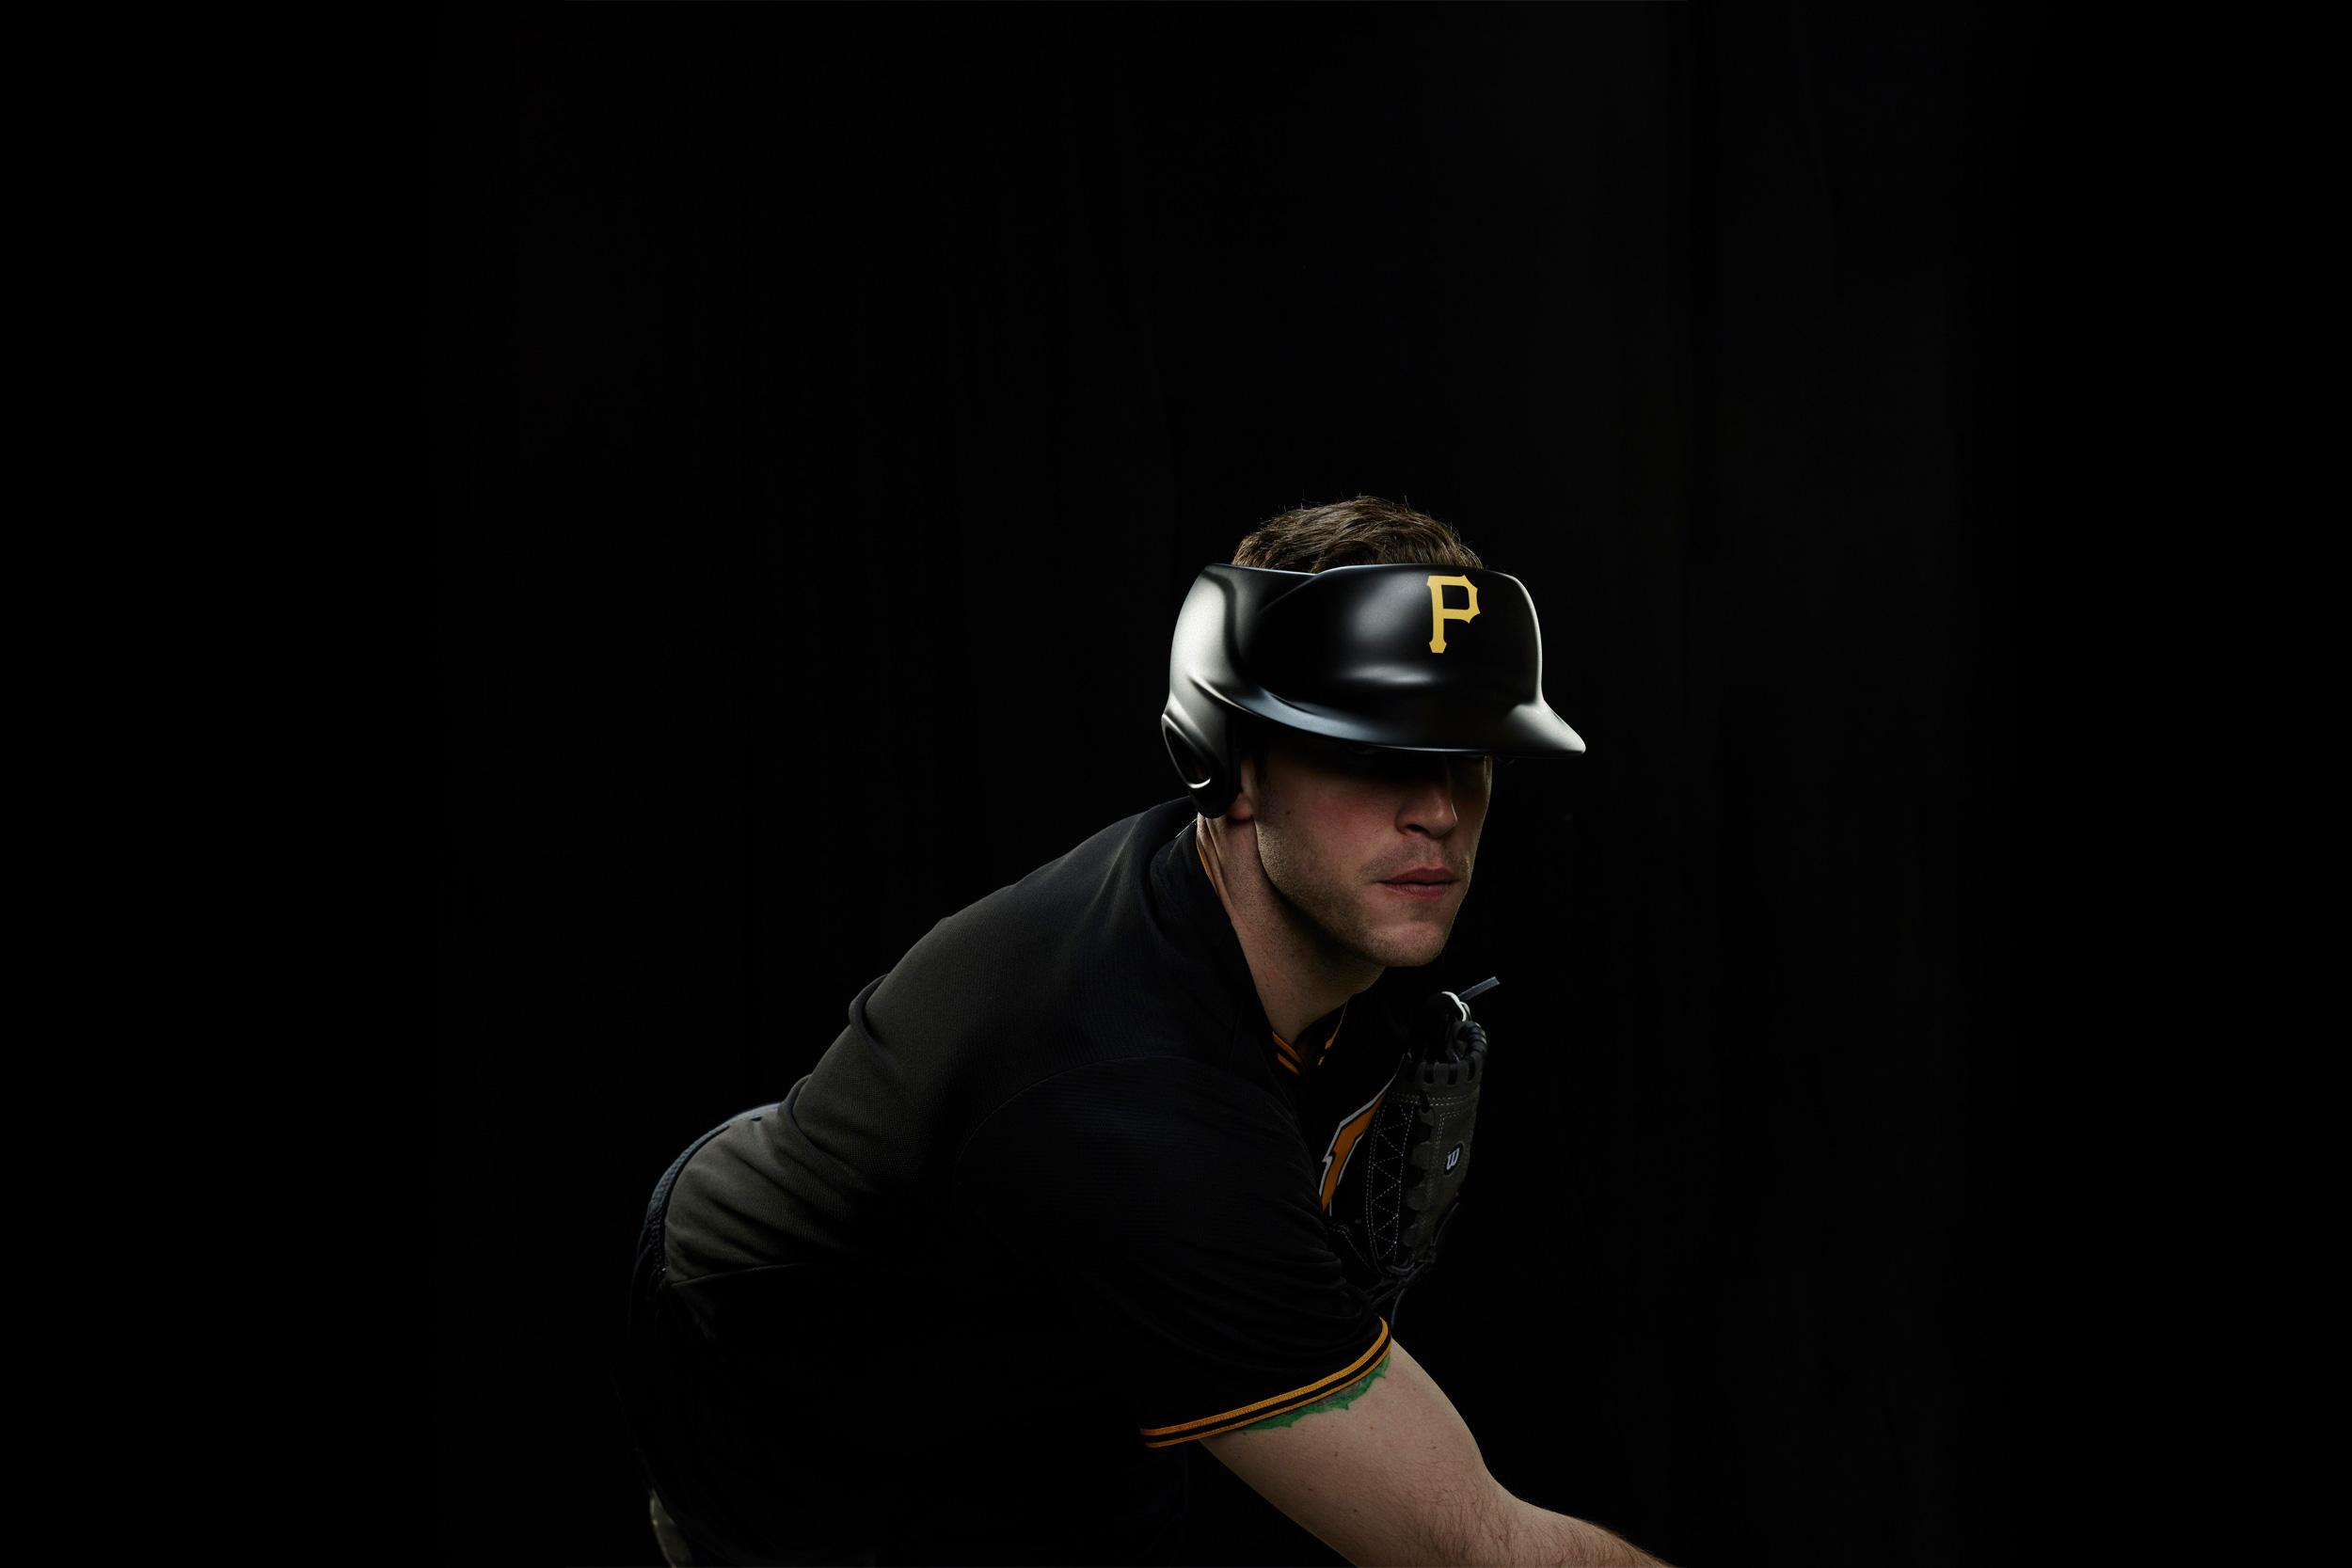 MLB_1.jpg